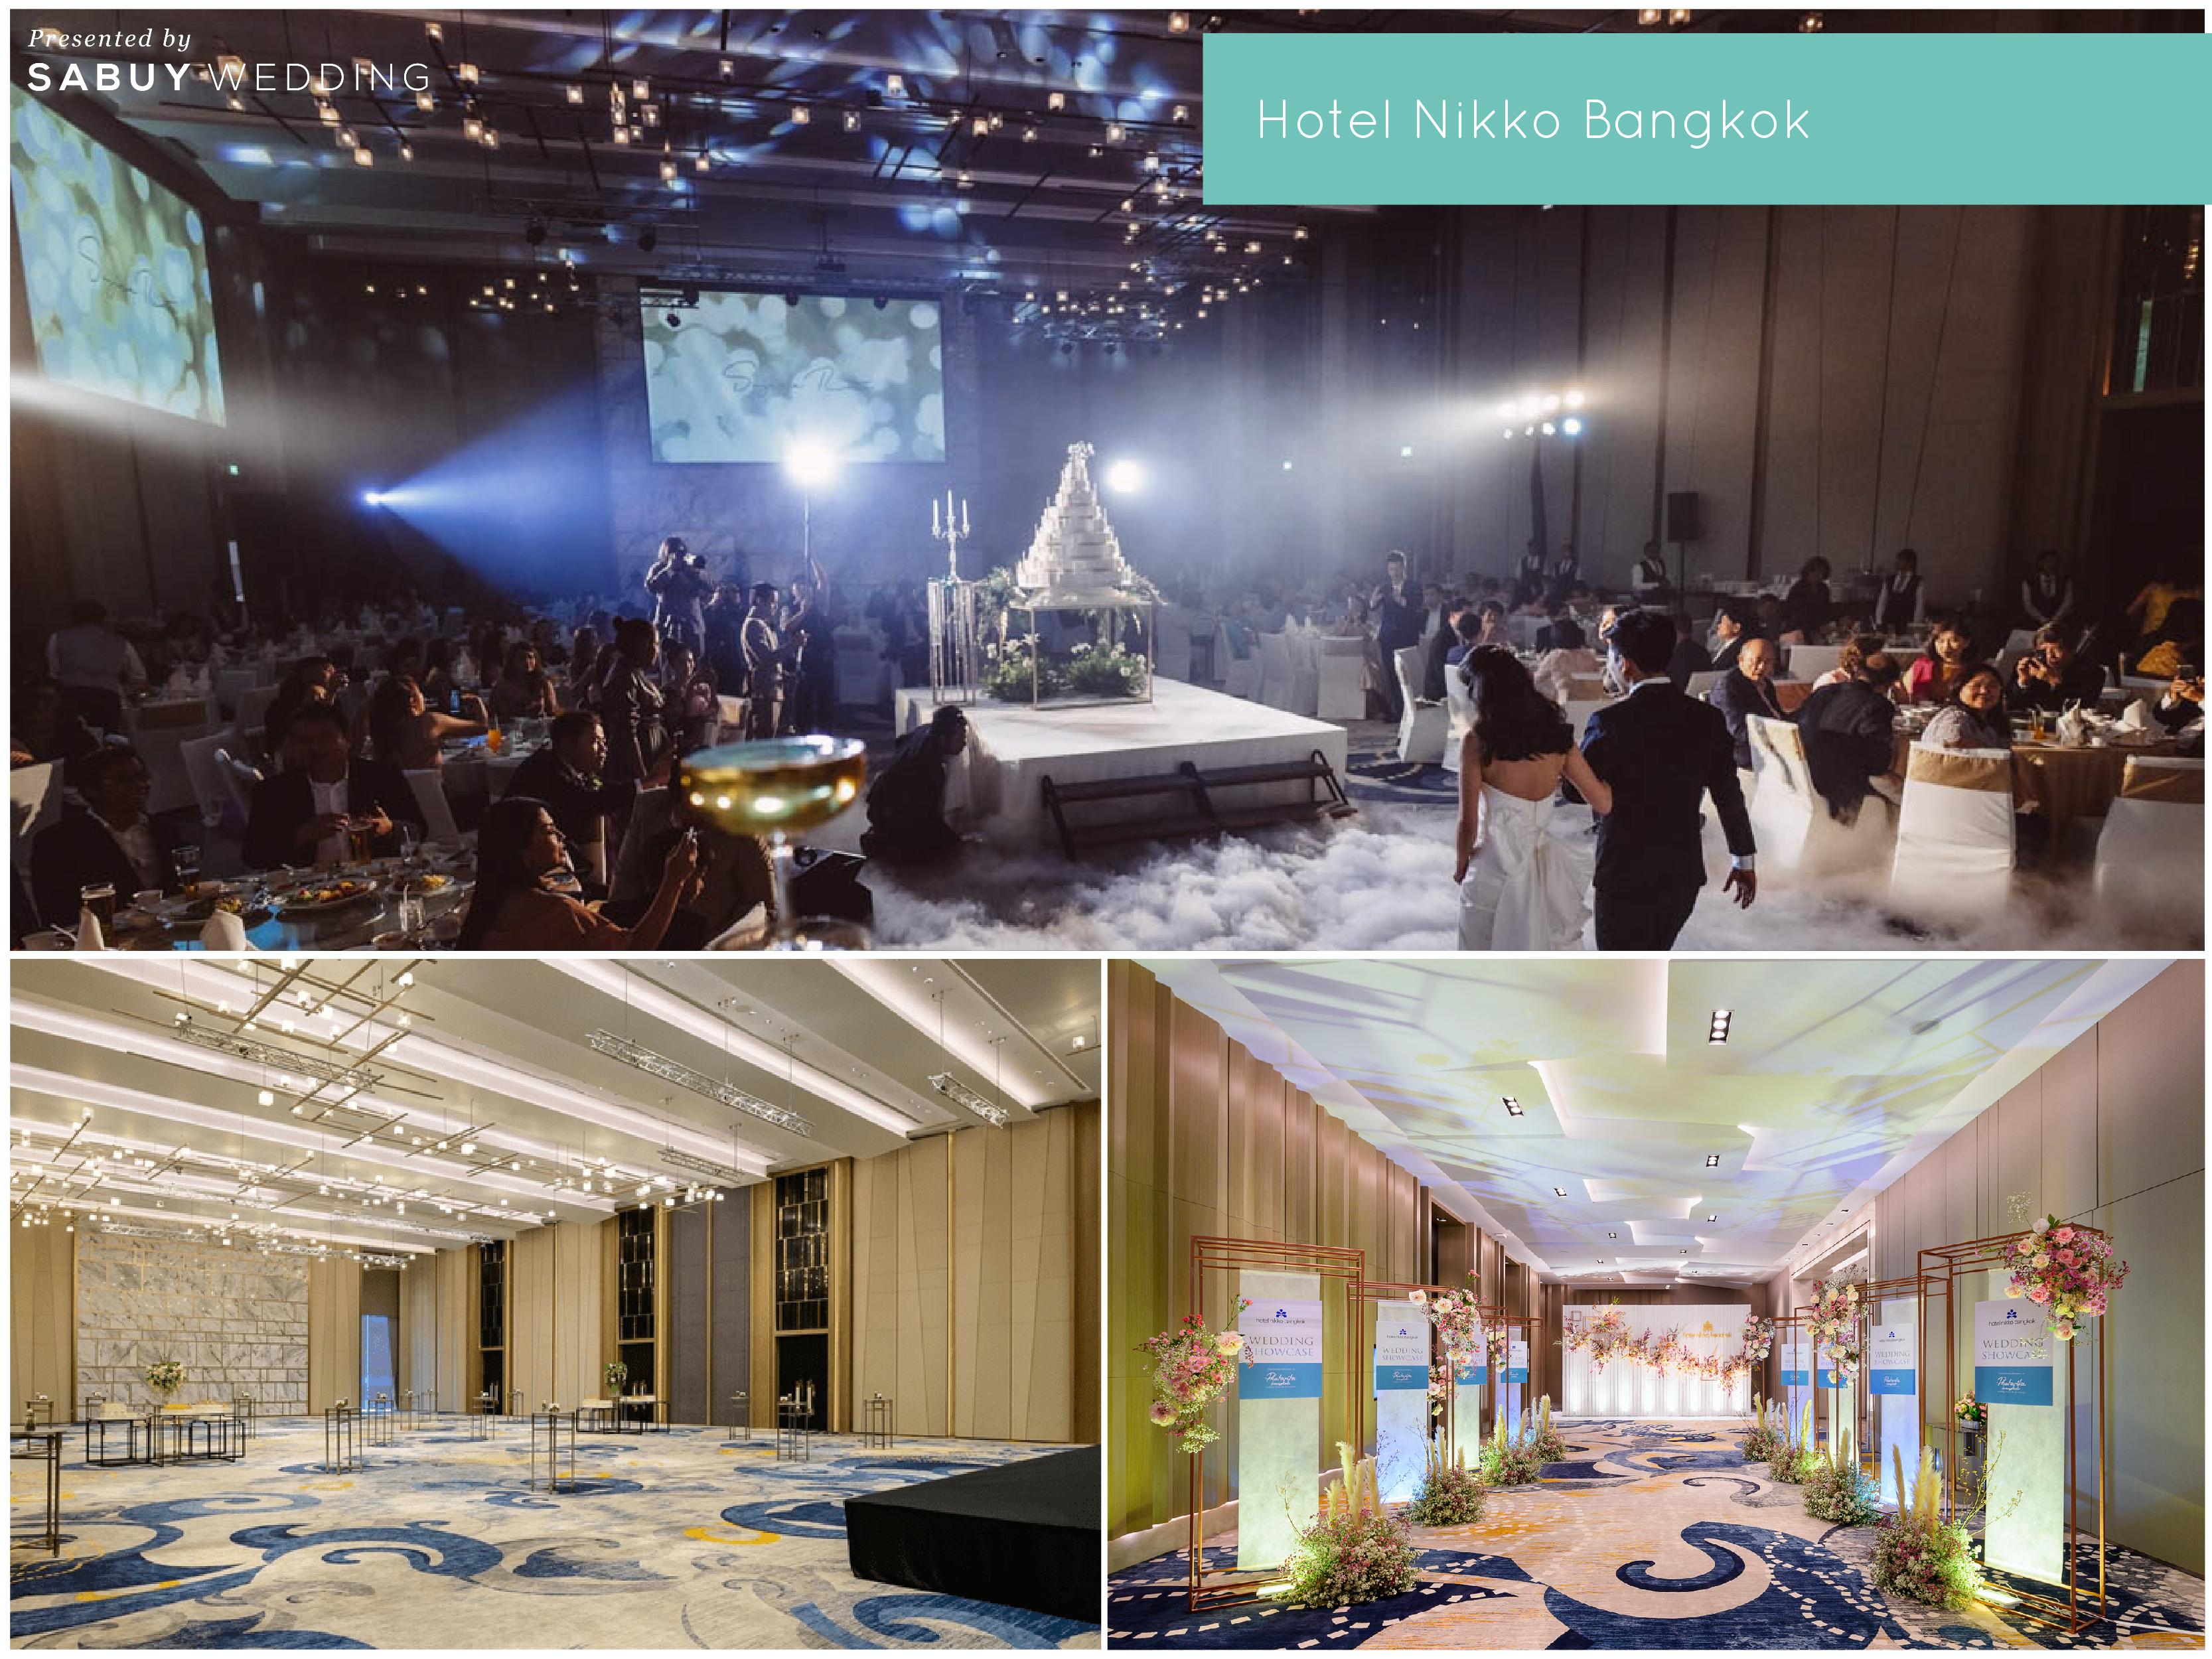 รวมห้องจัดเลี้ยงไซส์ใหญ่ จุแขกได้ตั้งแต่ 400 จนถึงหลักพัน! (Part 1) ที่งาน SabuyWedding Festival 2020